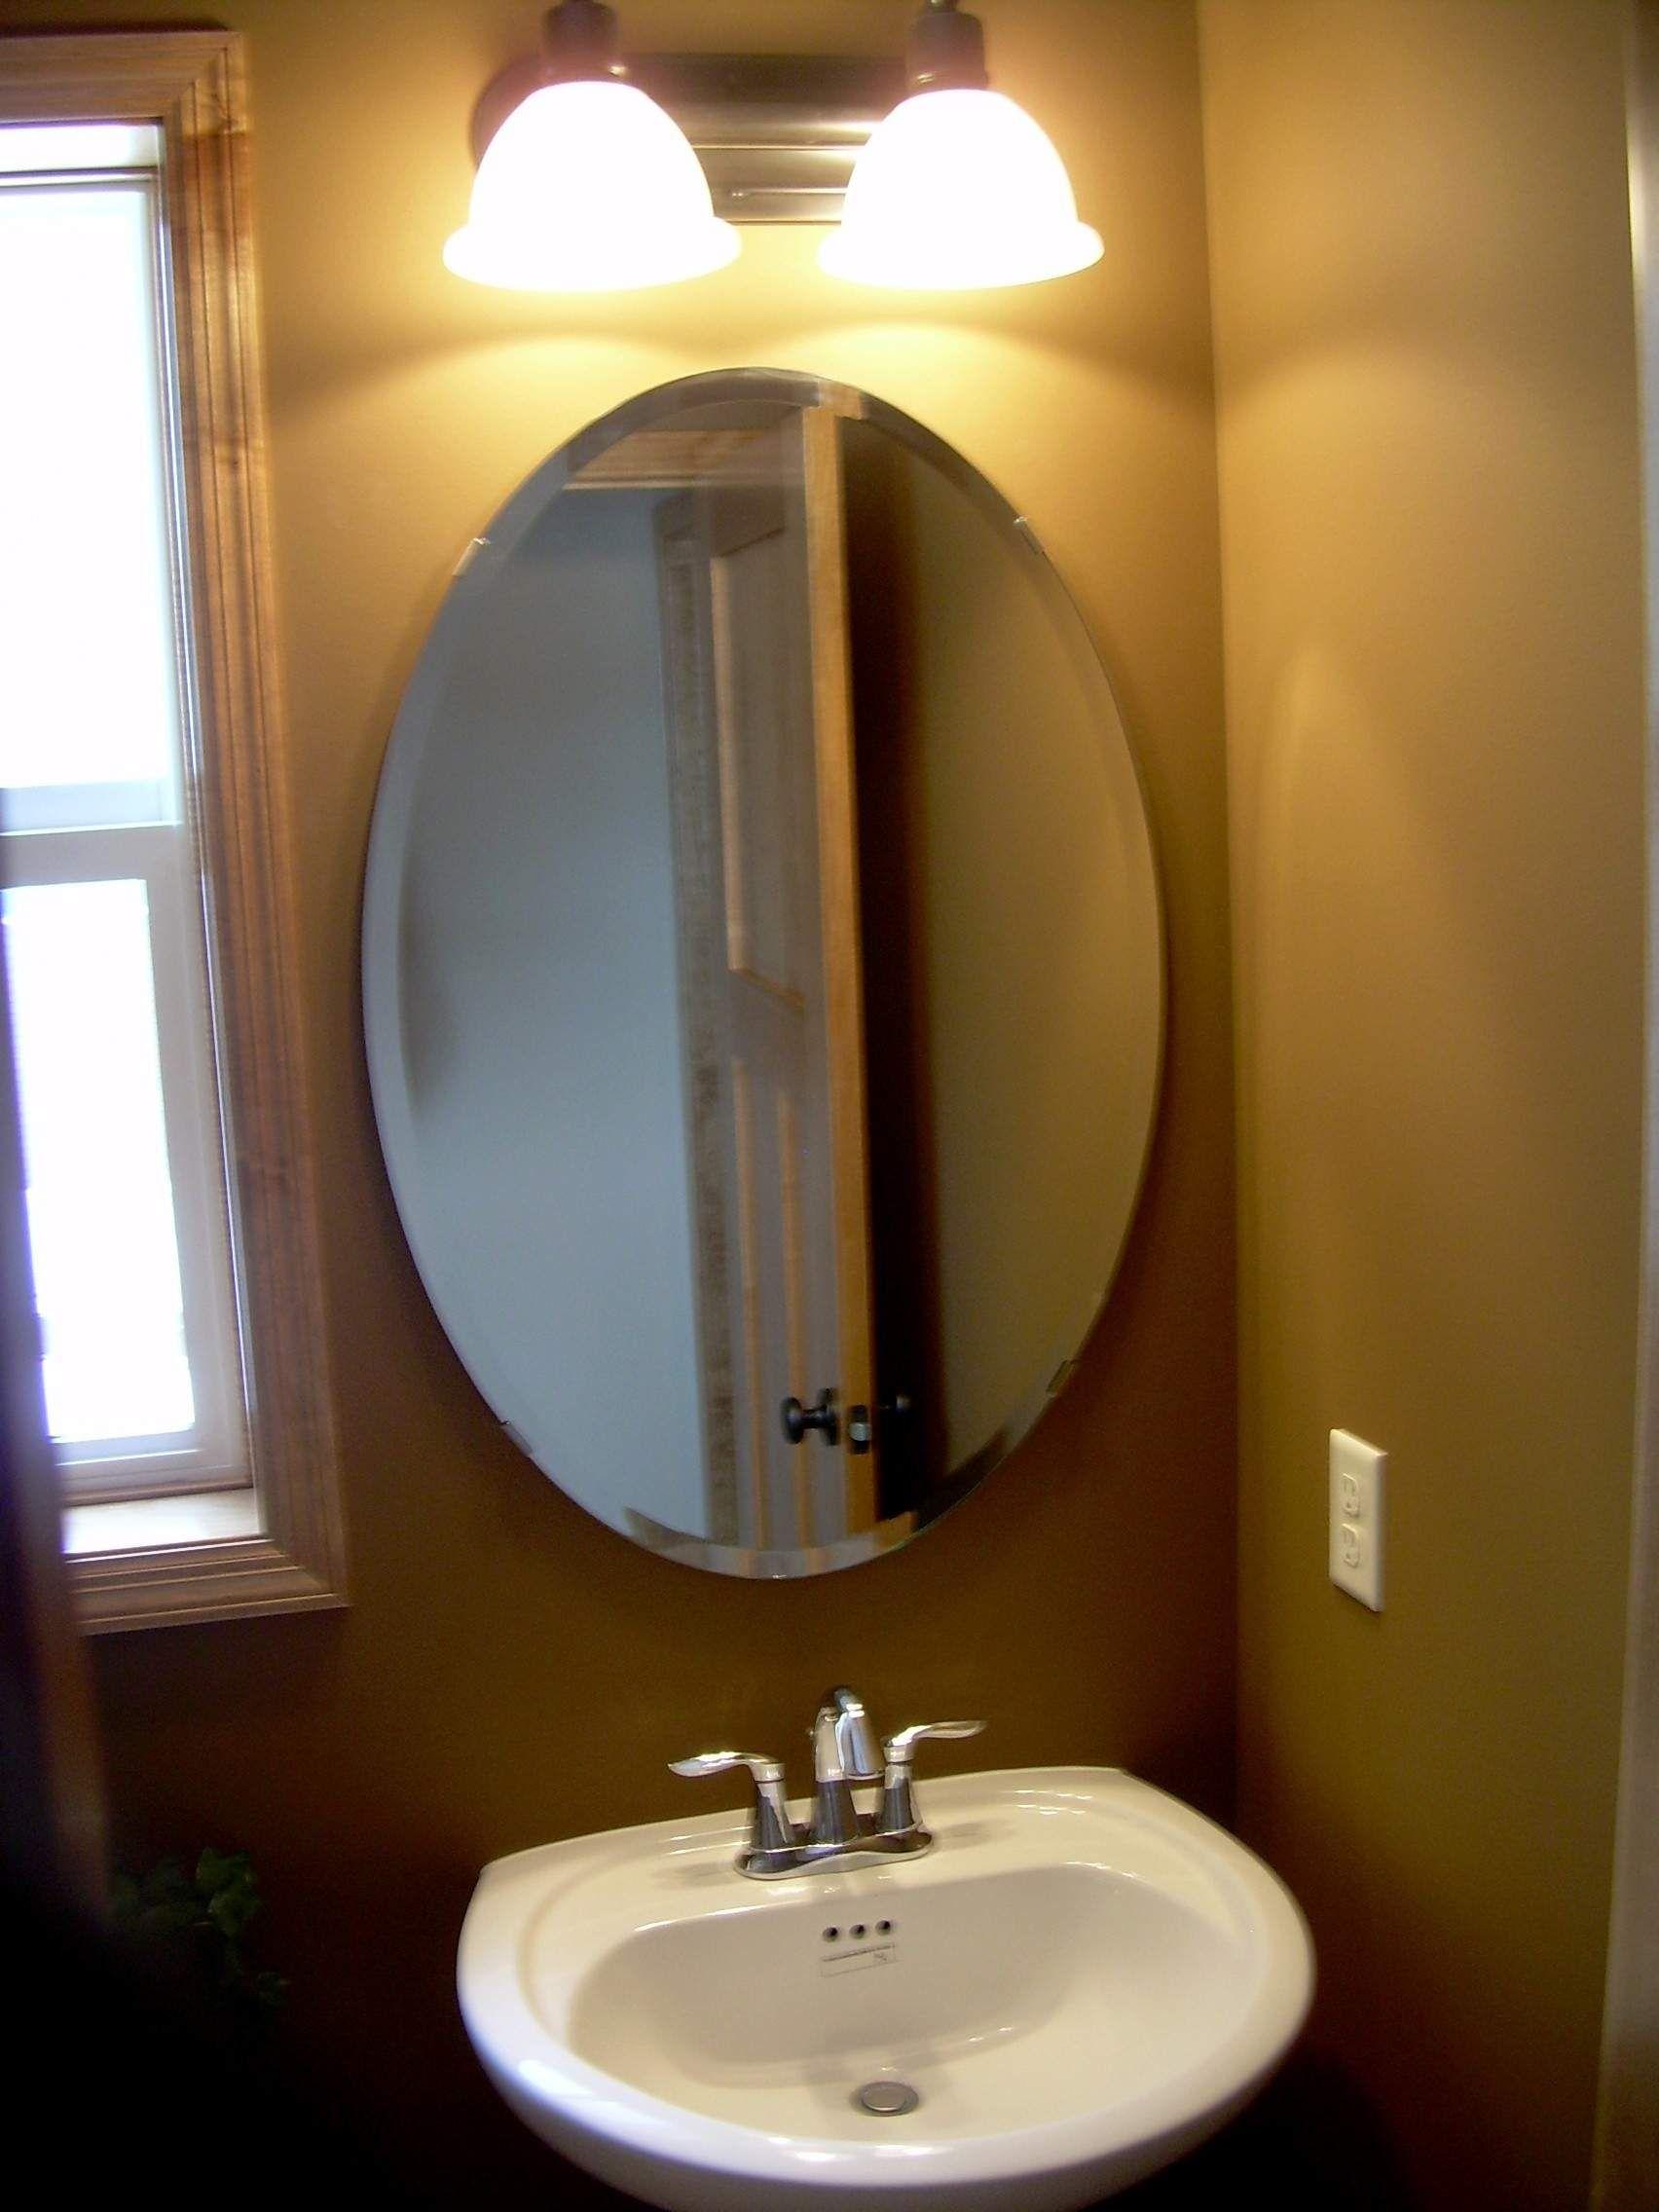 Oval Badezimmer Spiegel Mit Bildern Badezimmerspiegel Beleuchtung Badezimmerspiegel Rahmen Ovaler Badezimmerspiegel